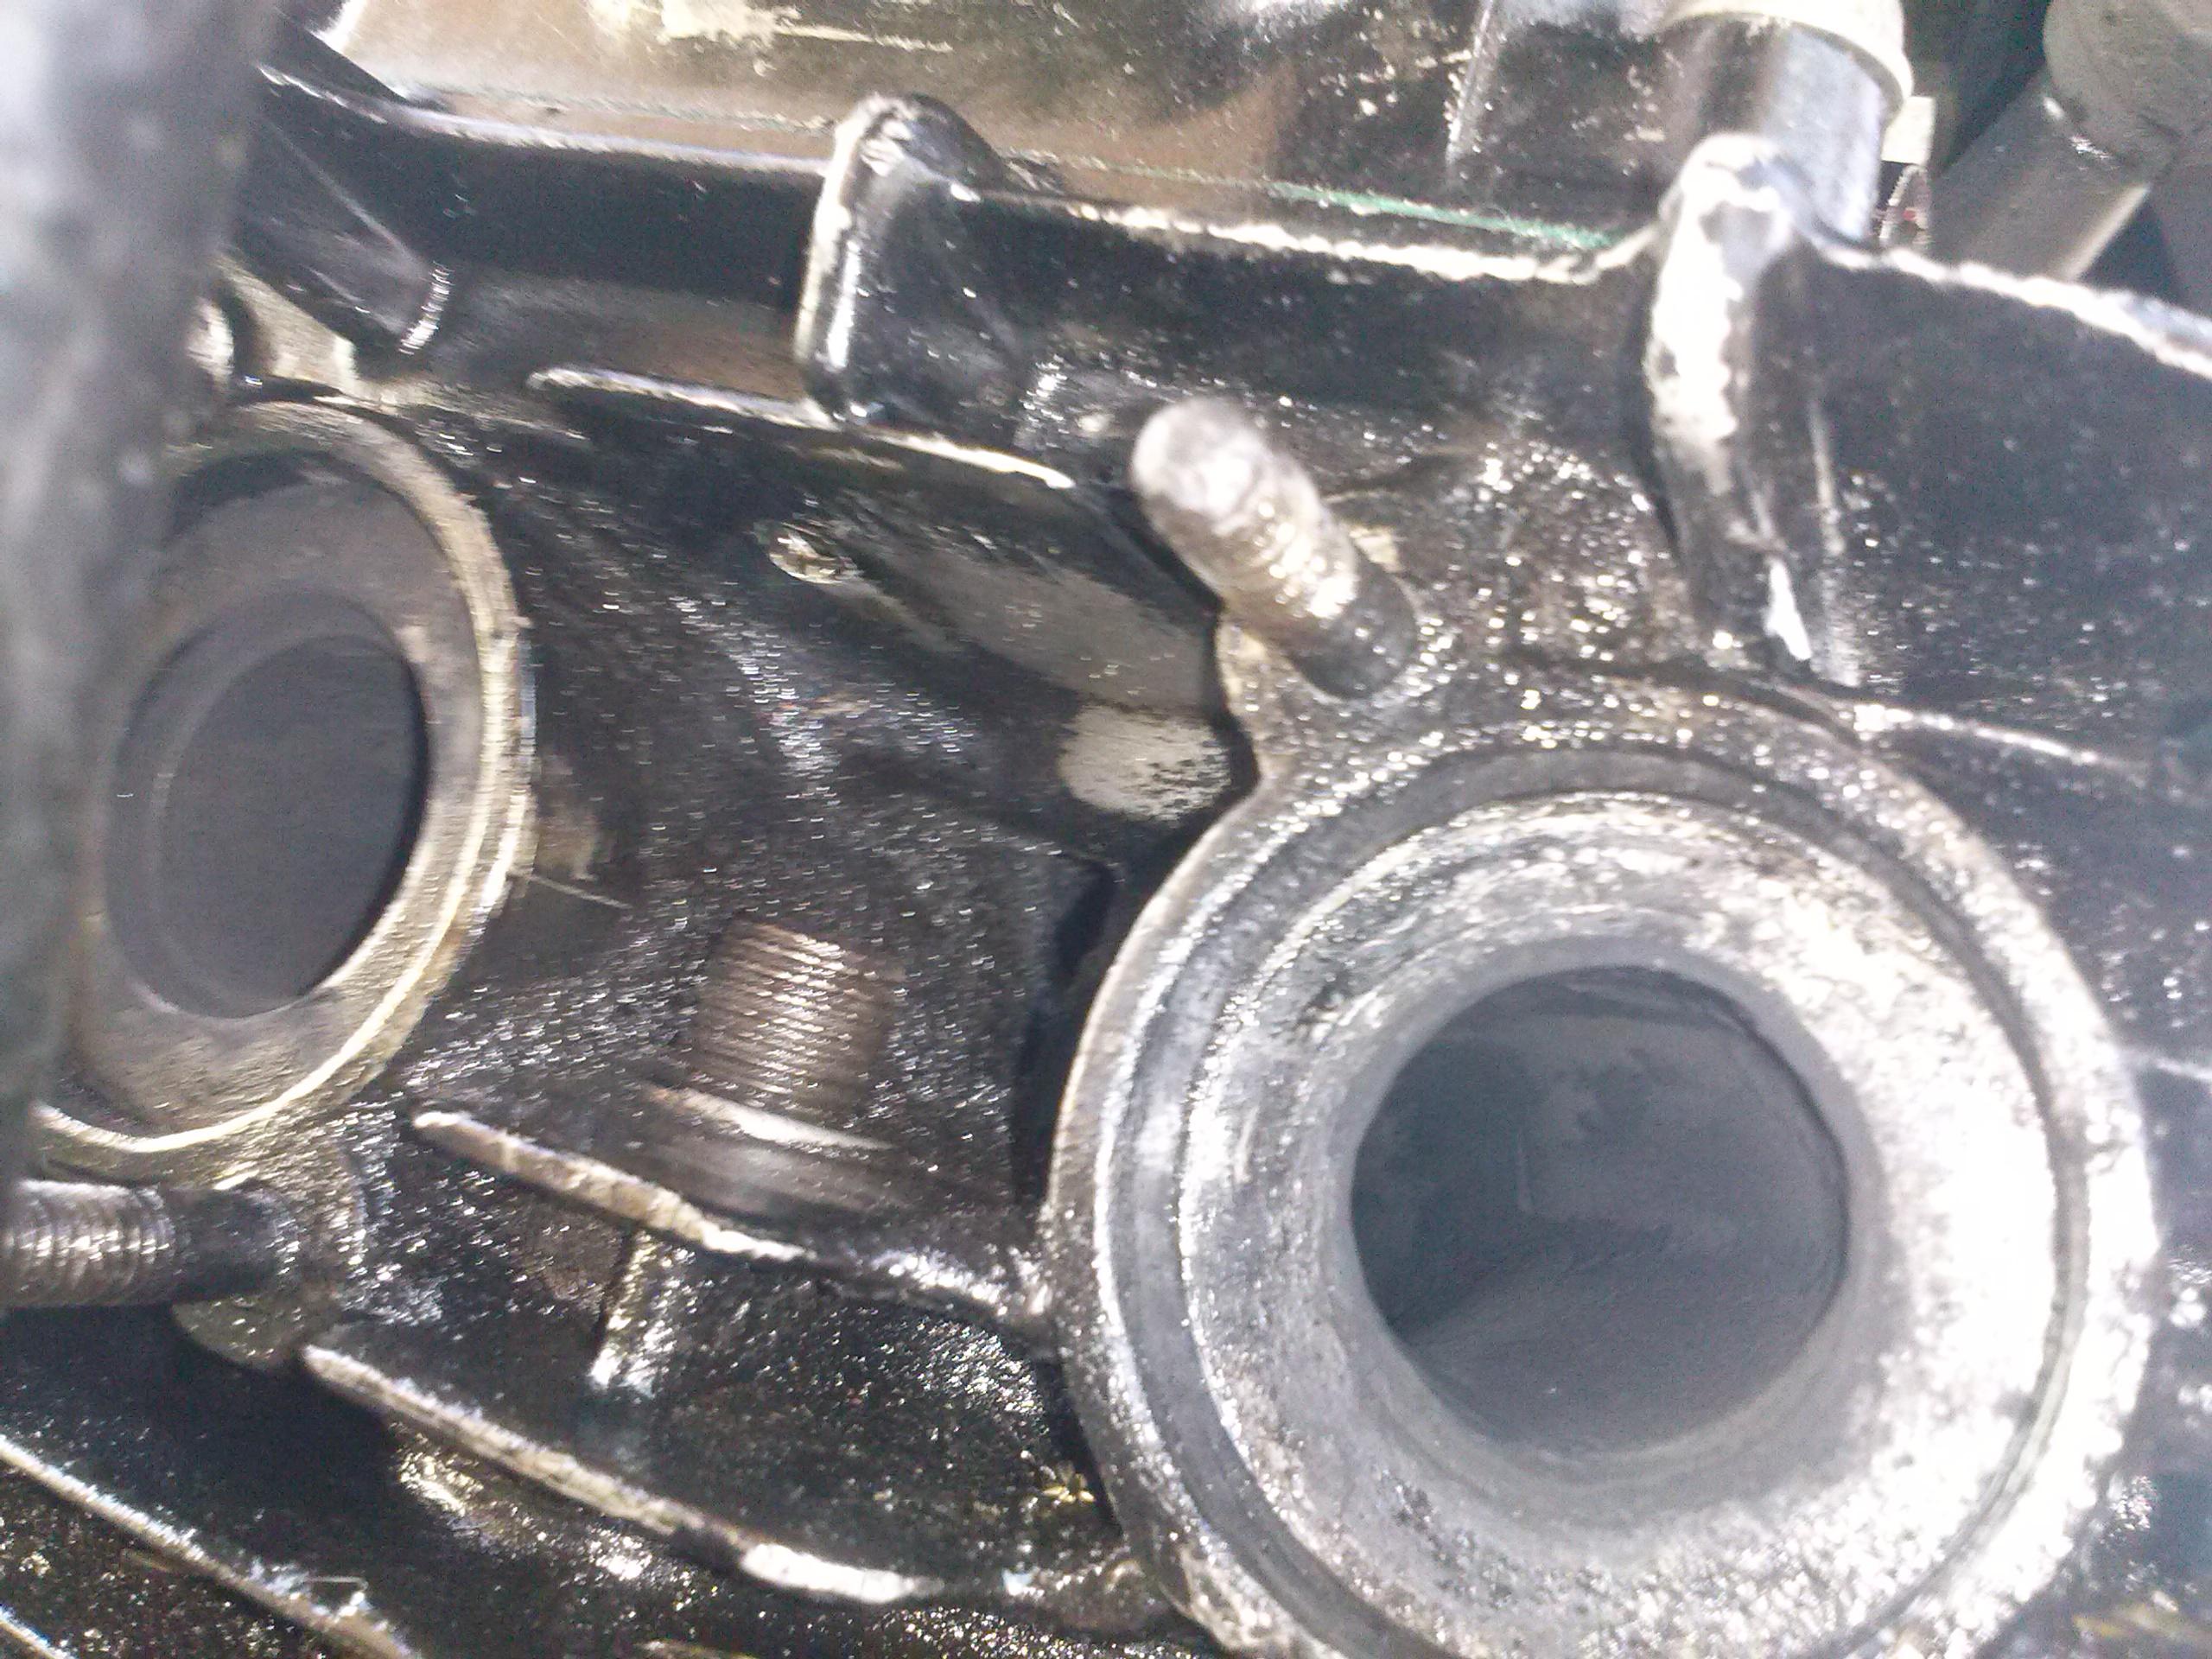 silniki 4suw honda cb 250 - z dziurki  pomiedzy wydechami cieknie olej